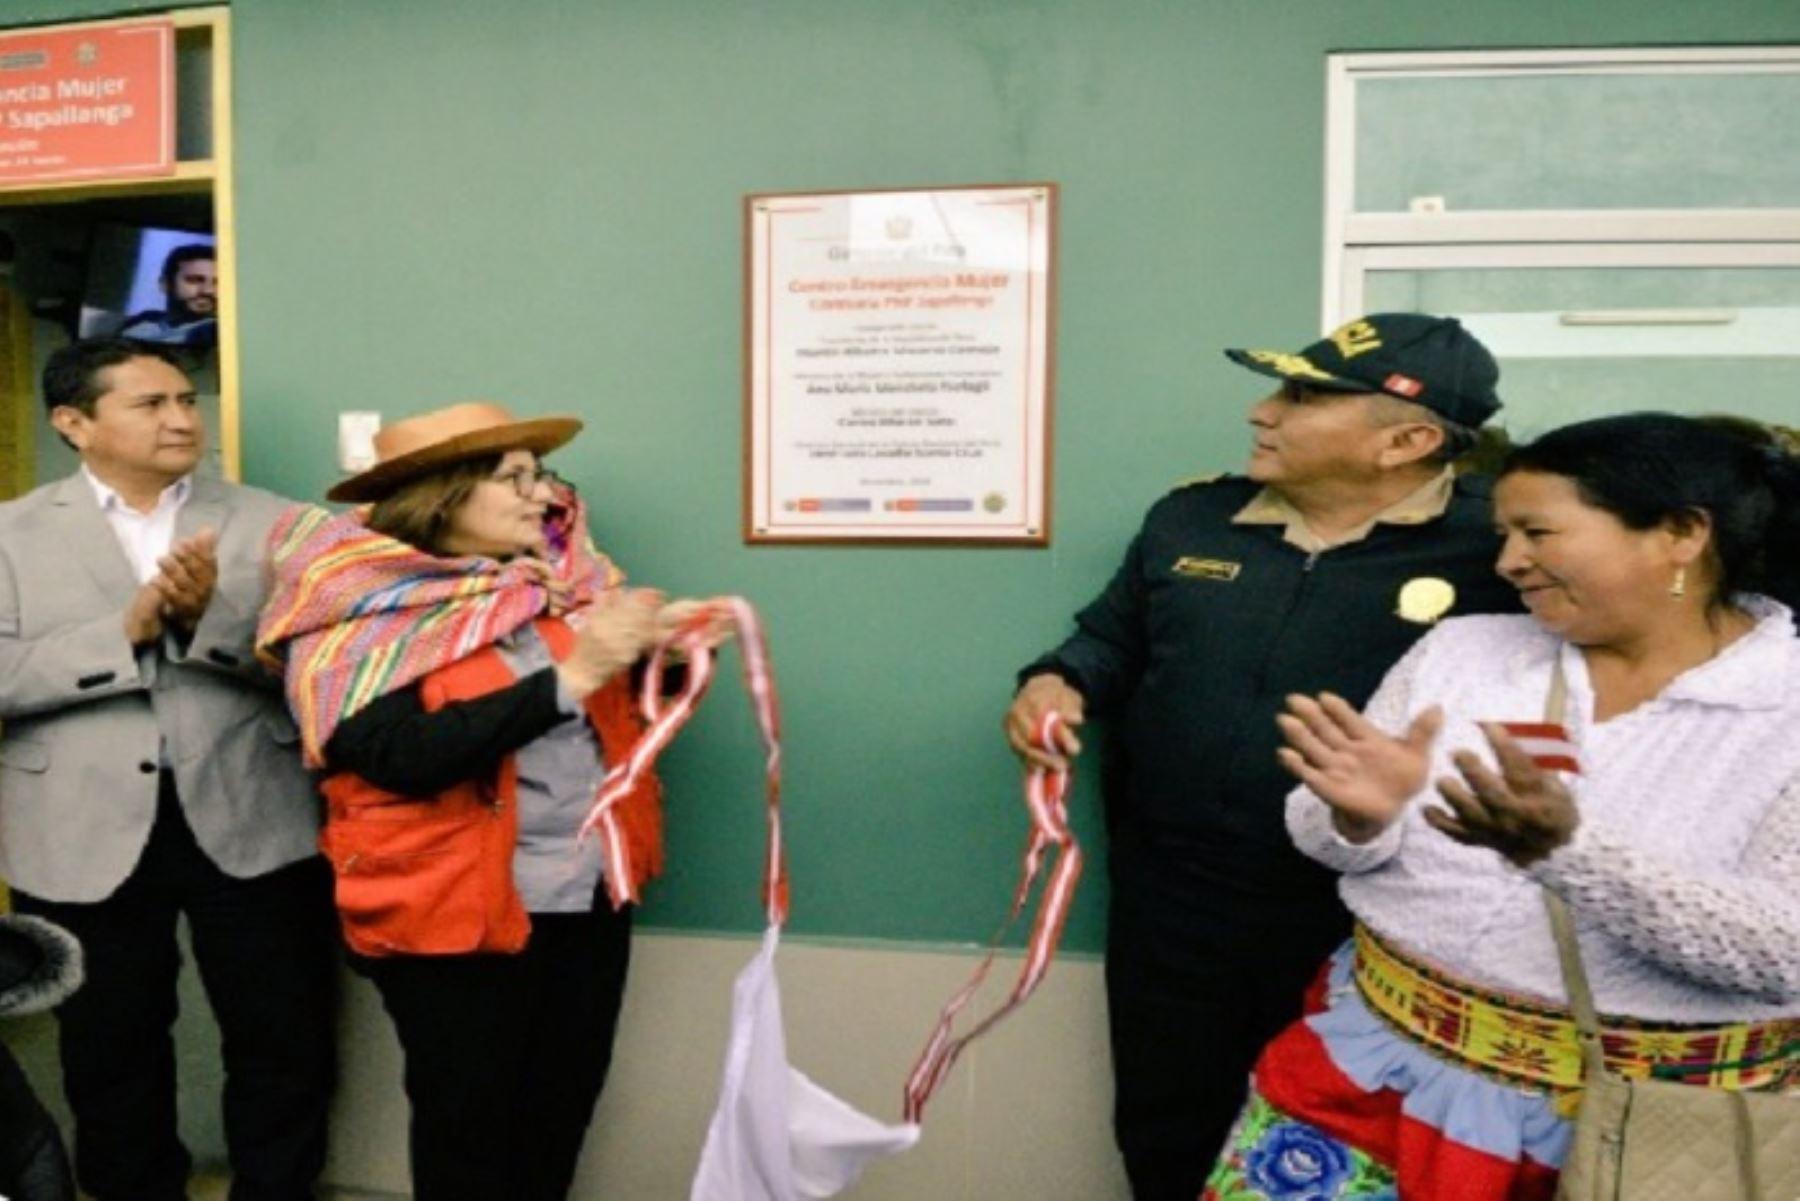 En la Comisaría Sapallanga, ubicada en la provincia de Huancayo, región Junín, el Ministerio de la Mujer y Poblaciones Vulnerables (MIMP) inauguró esta tarde el Centro Emergencia Mujer (CEM) que atenderá a las víctimas de la violencia de género y familiar las 24 horas, durante los siete días de la semana.